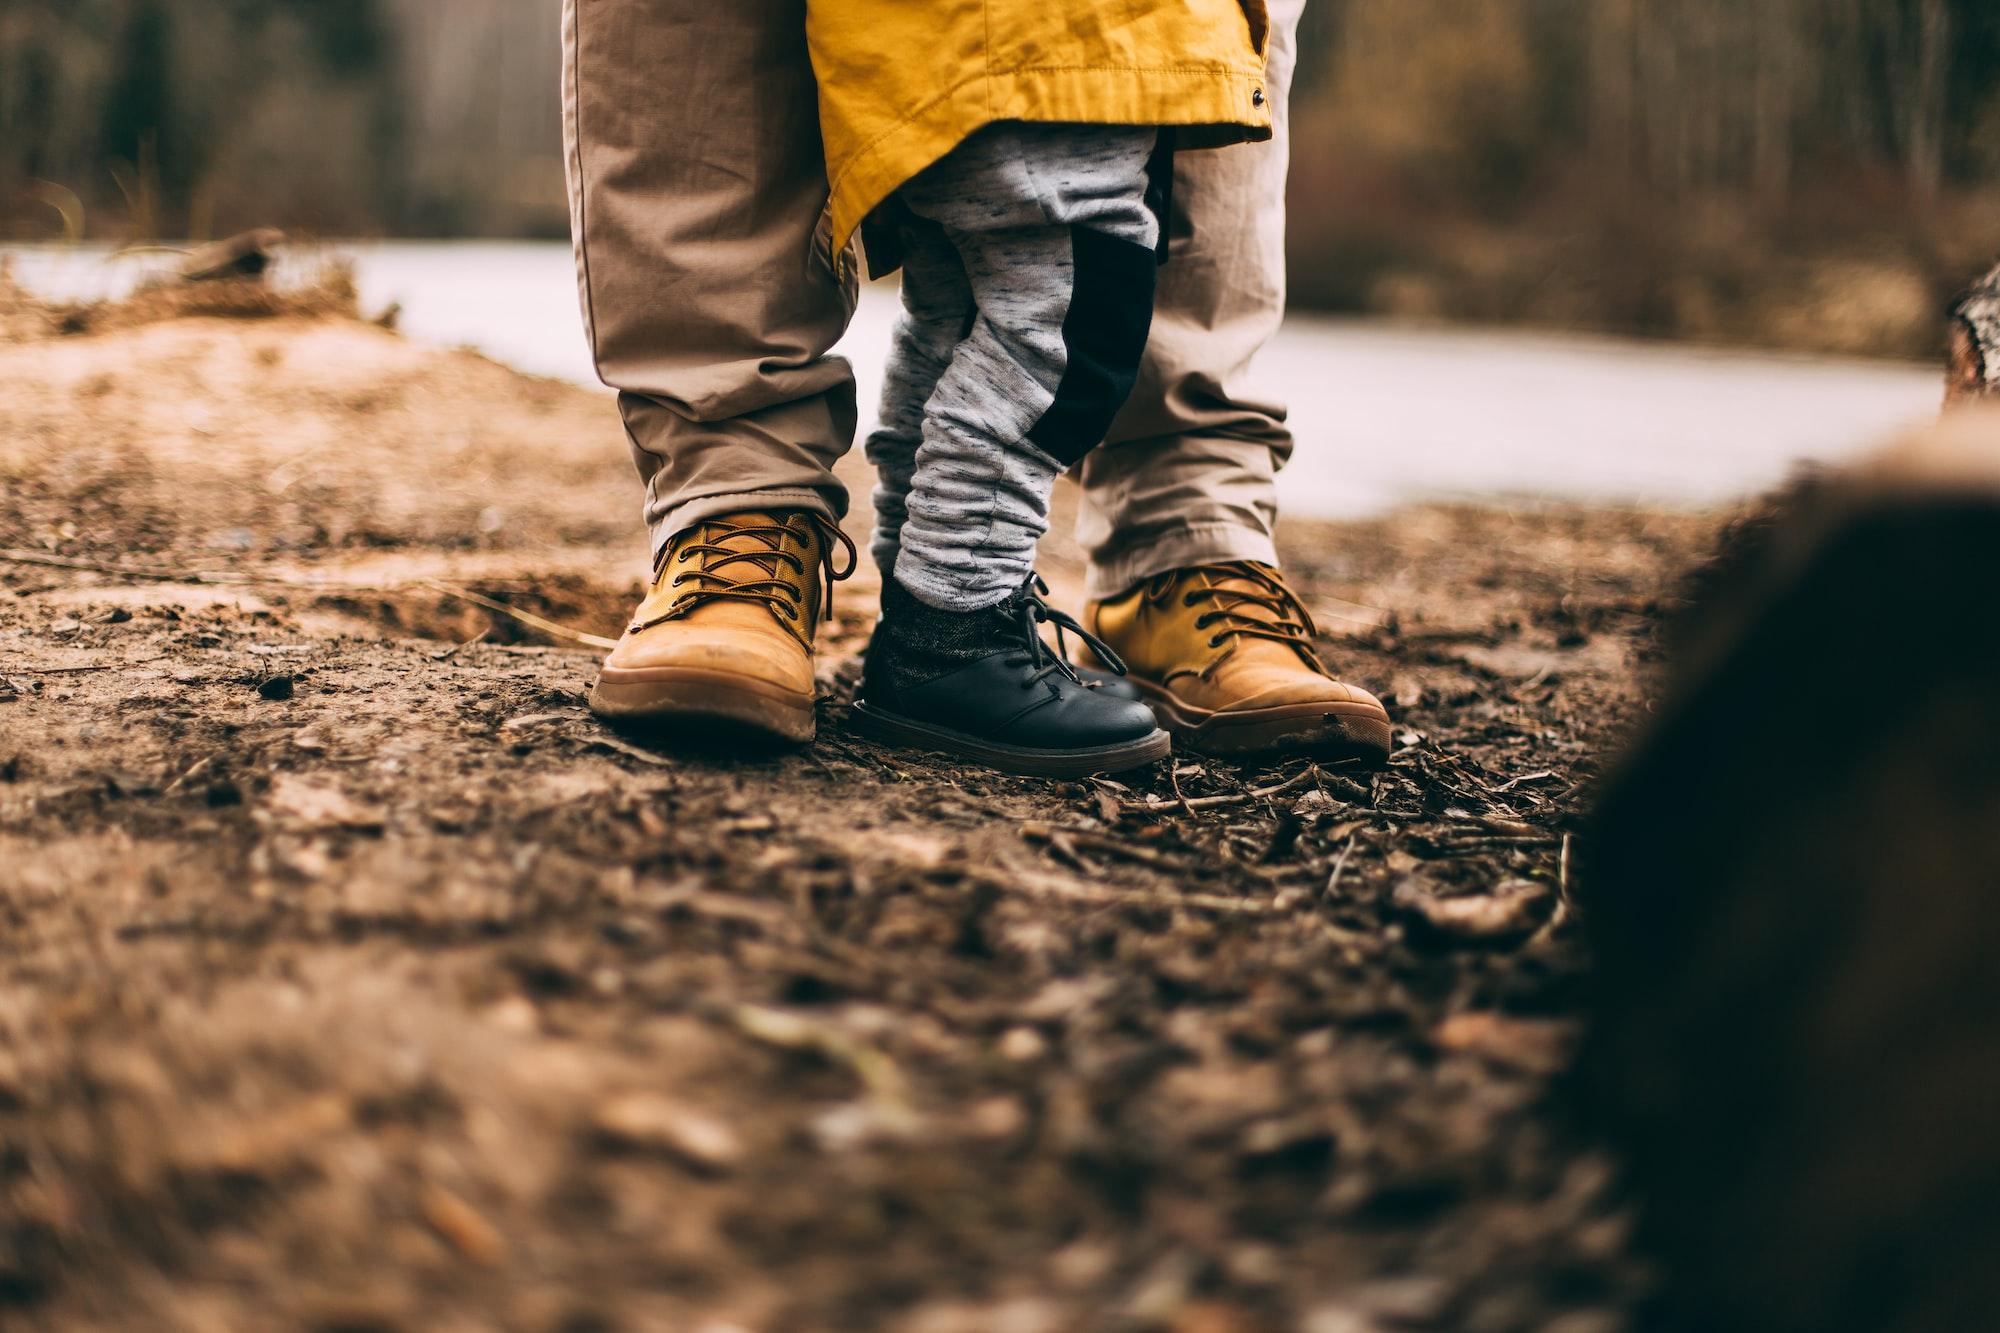 Autoritäre Erziehung - Was sie mit uns gemacht hat und wie sie unsere Kinder heute beeinflusst